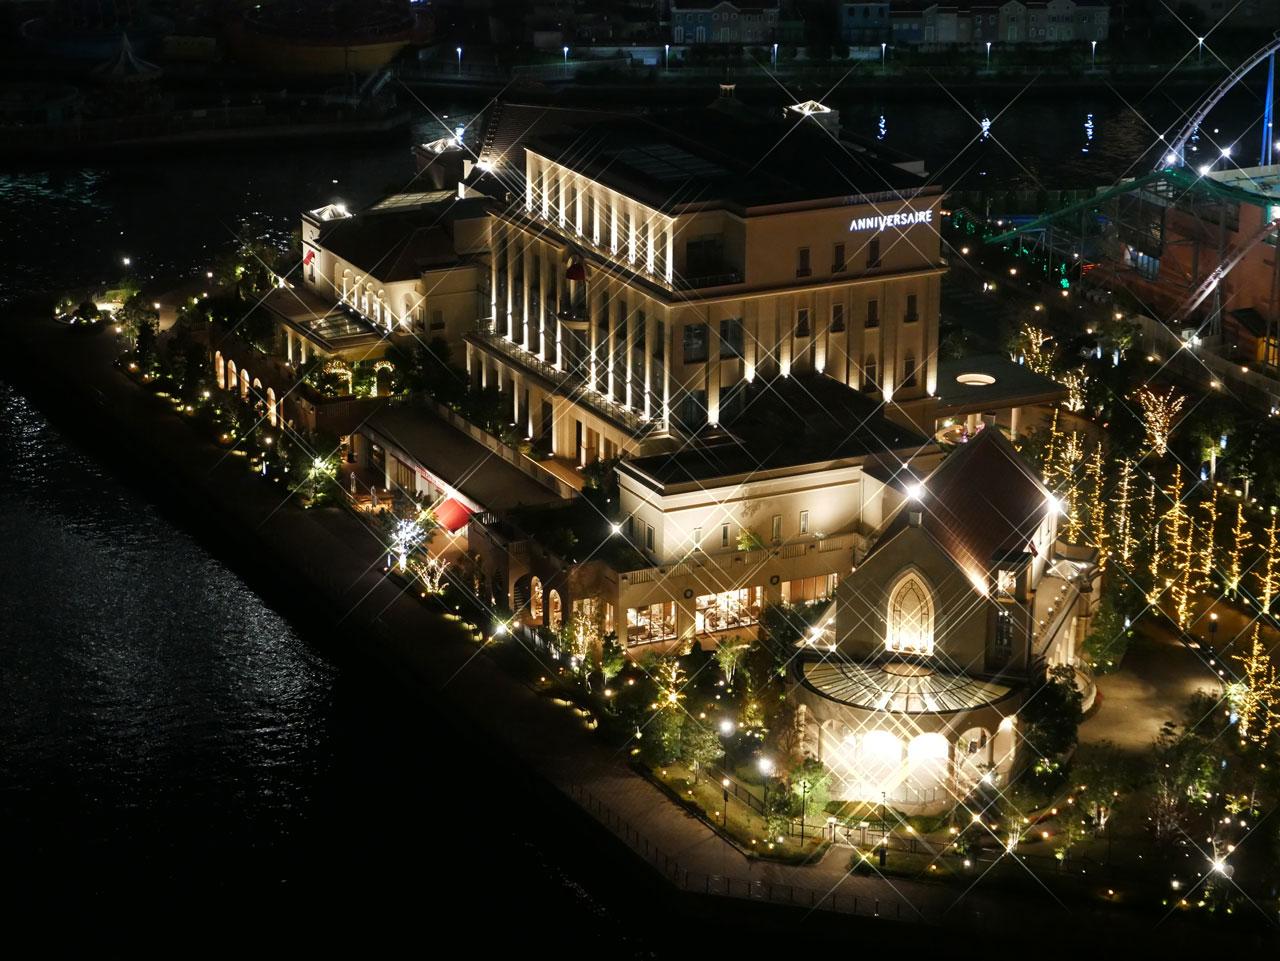 アパホテル横浜ベイタワーからの眺望3:LUMIX DMC-GX7MK2+LEICA DG VARIO-ELMARIT 12-60mm/F2.8-4.0